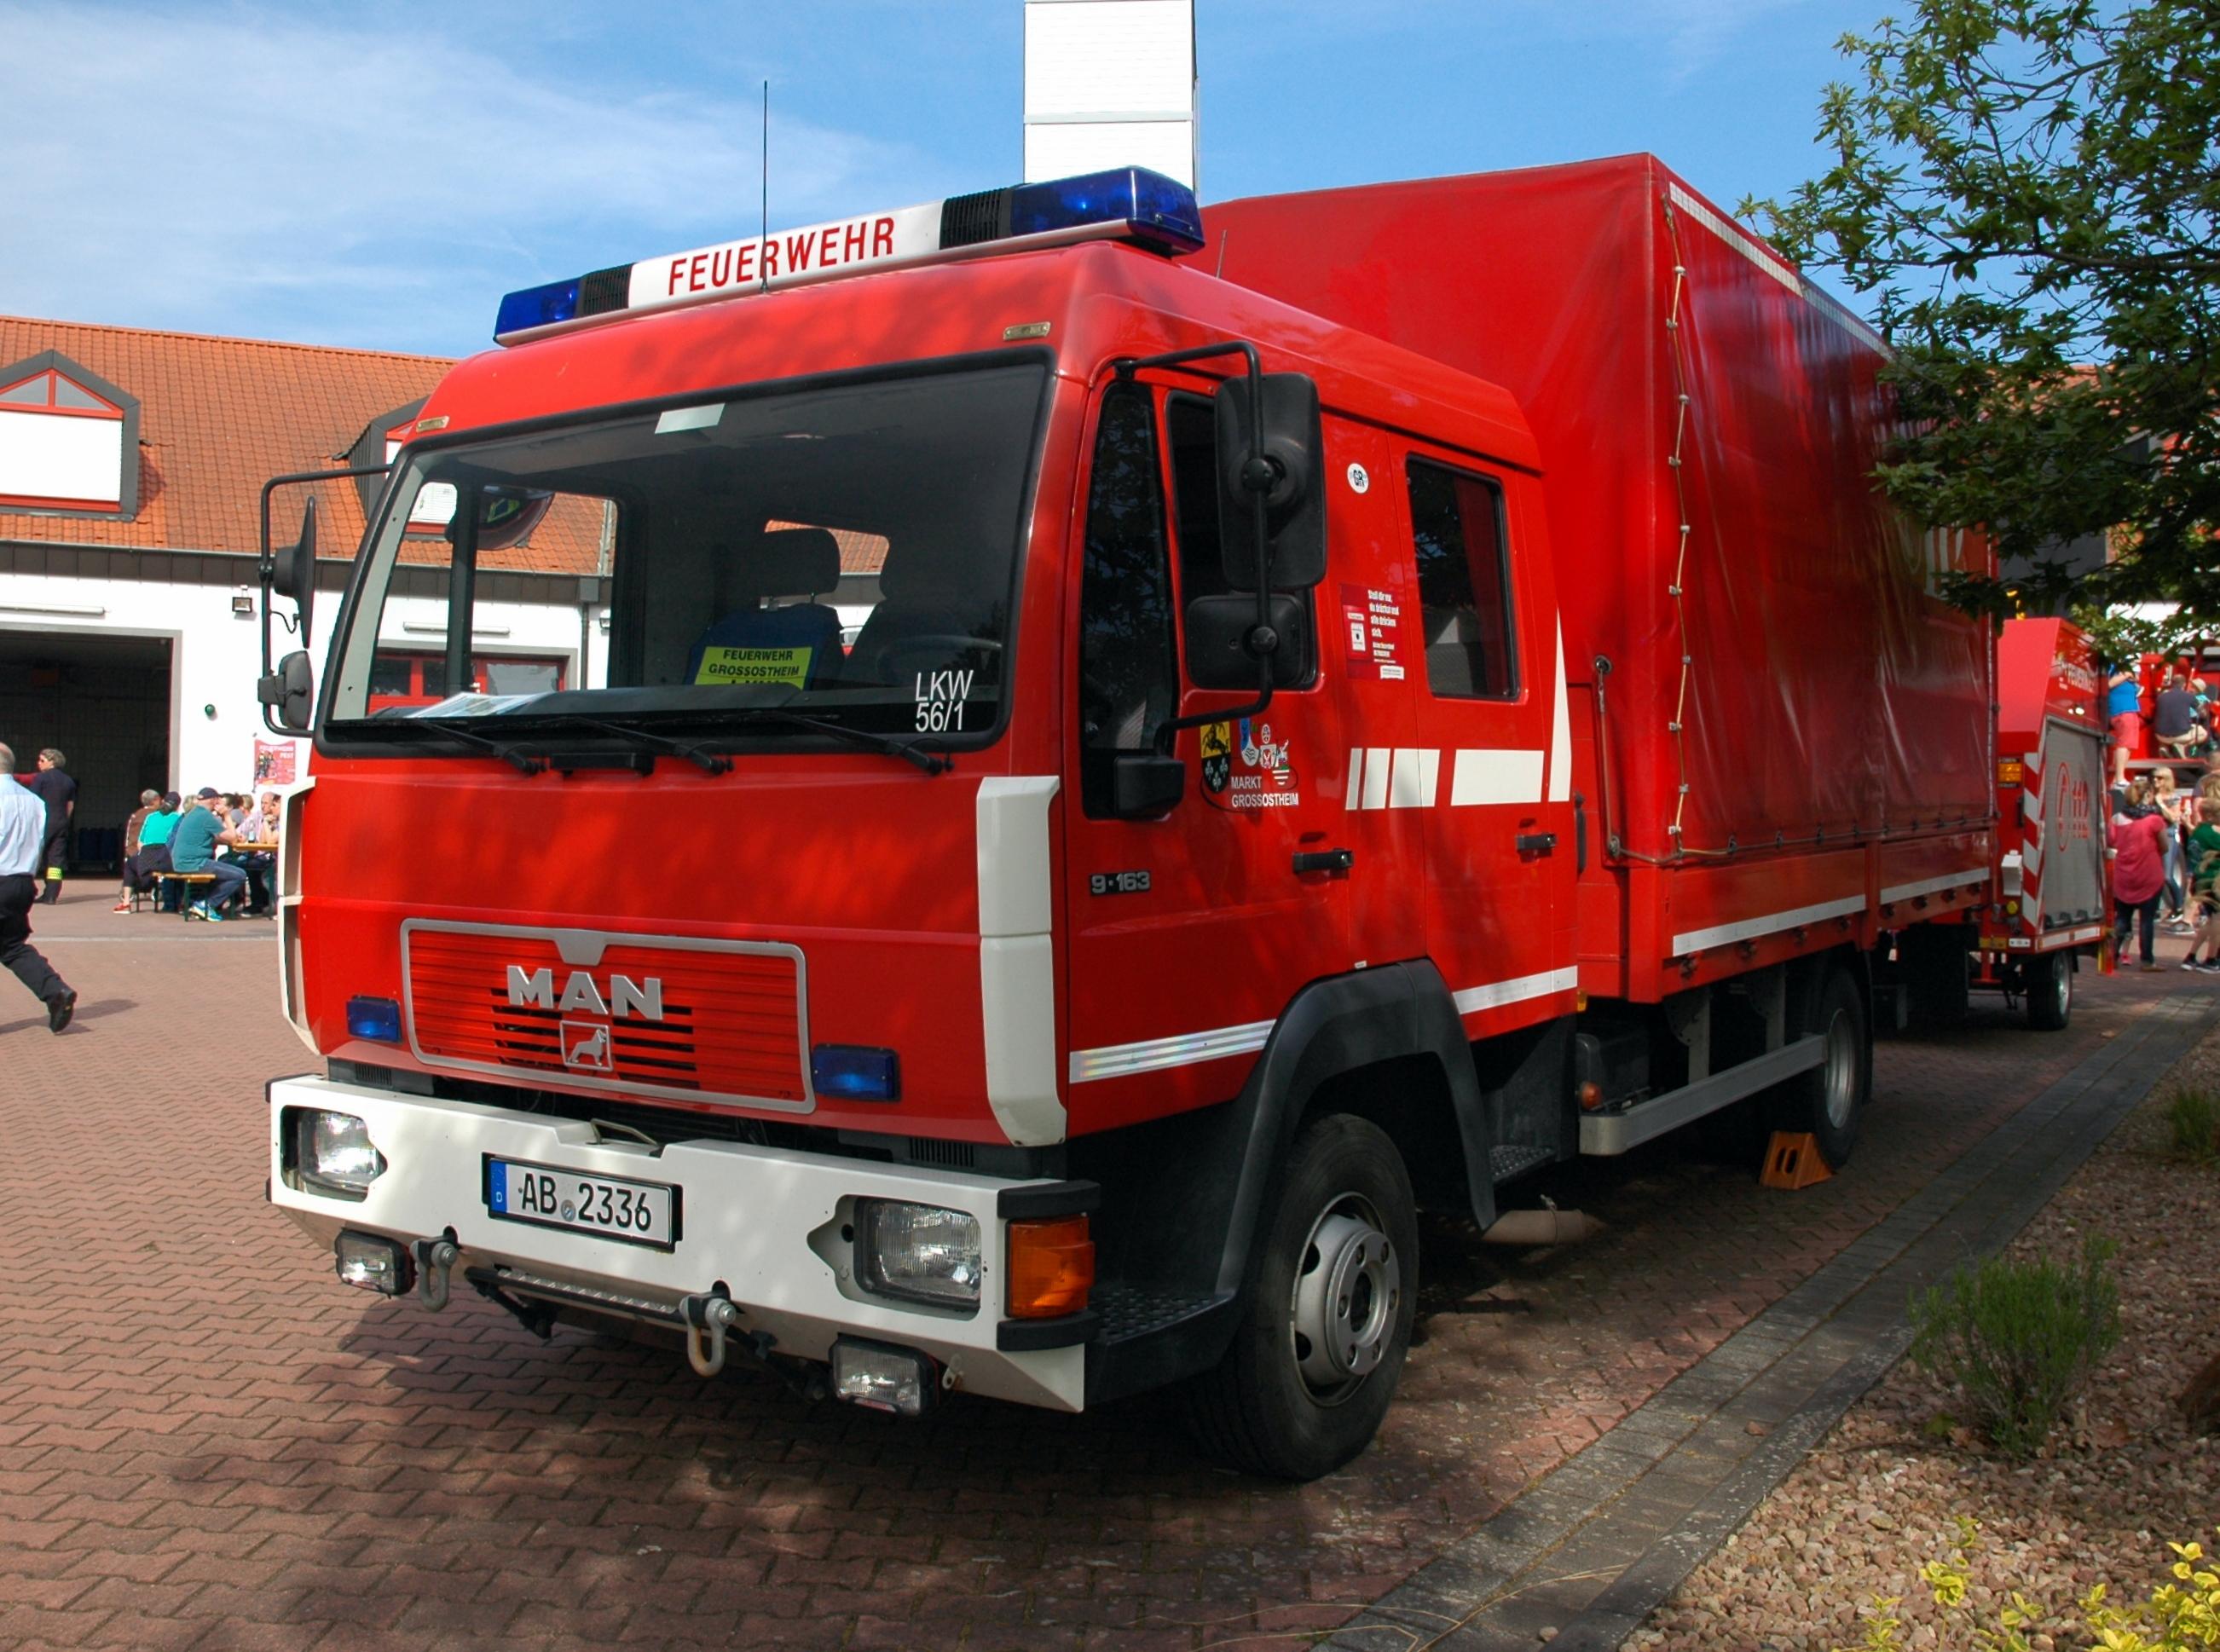 Filegroßostheim Feuerwehr Man 9 163 Friederichs Ab 2336